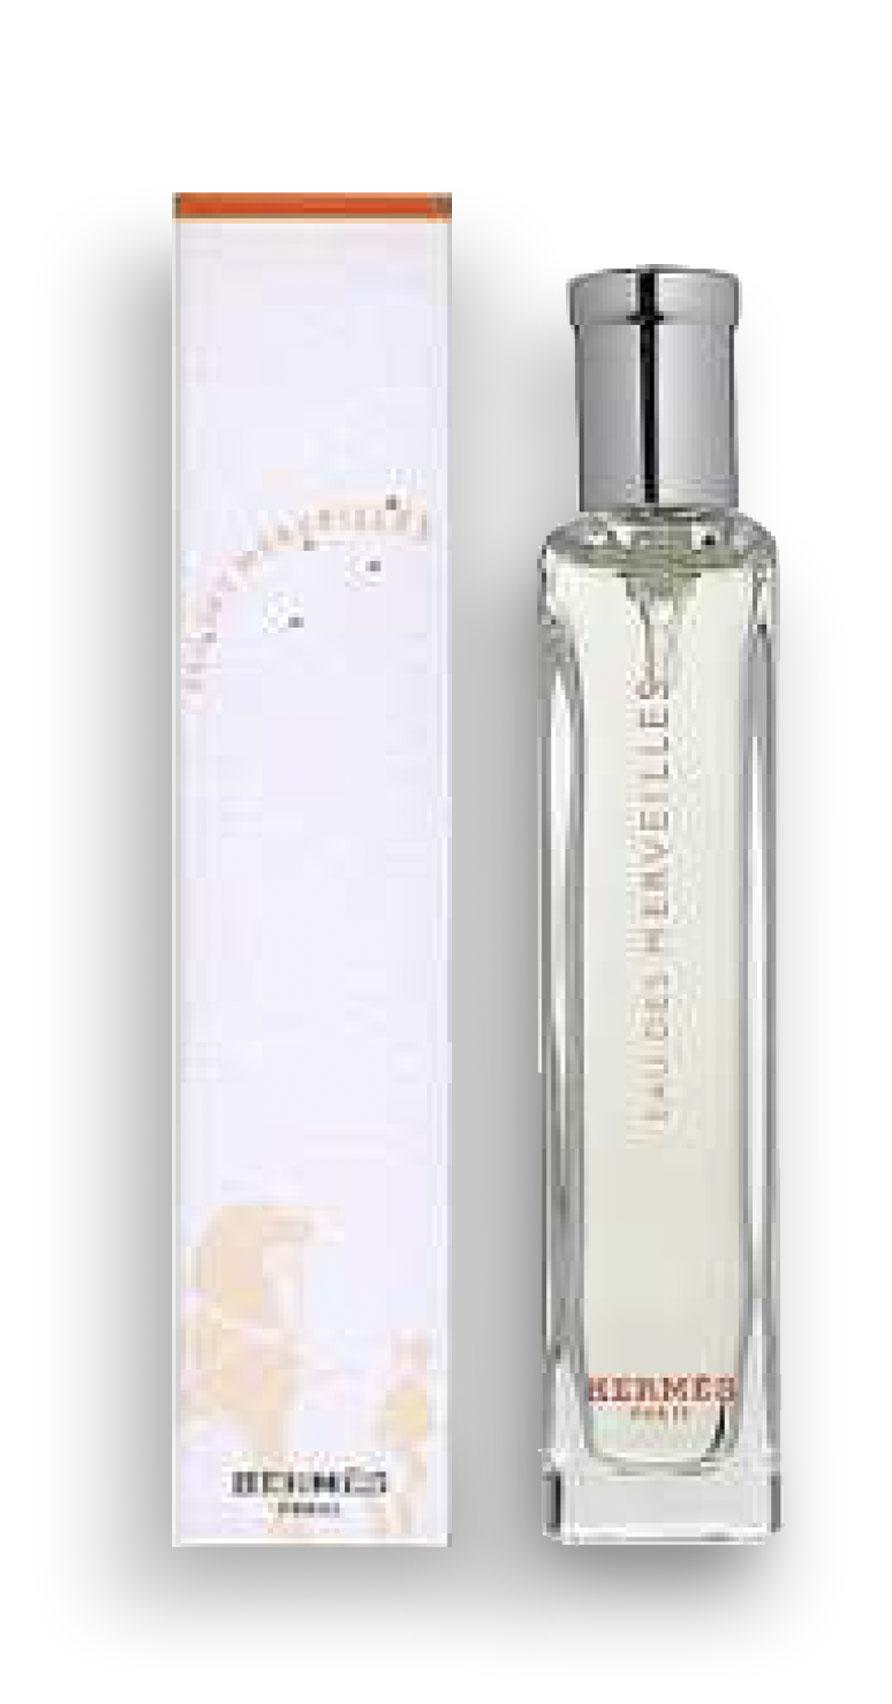 Hermès - Eau des merveilles - Vaporisateur nomade - 15 ml.